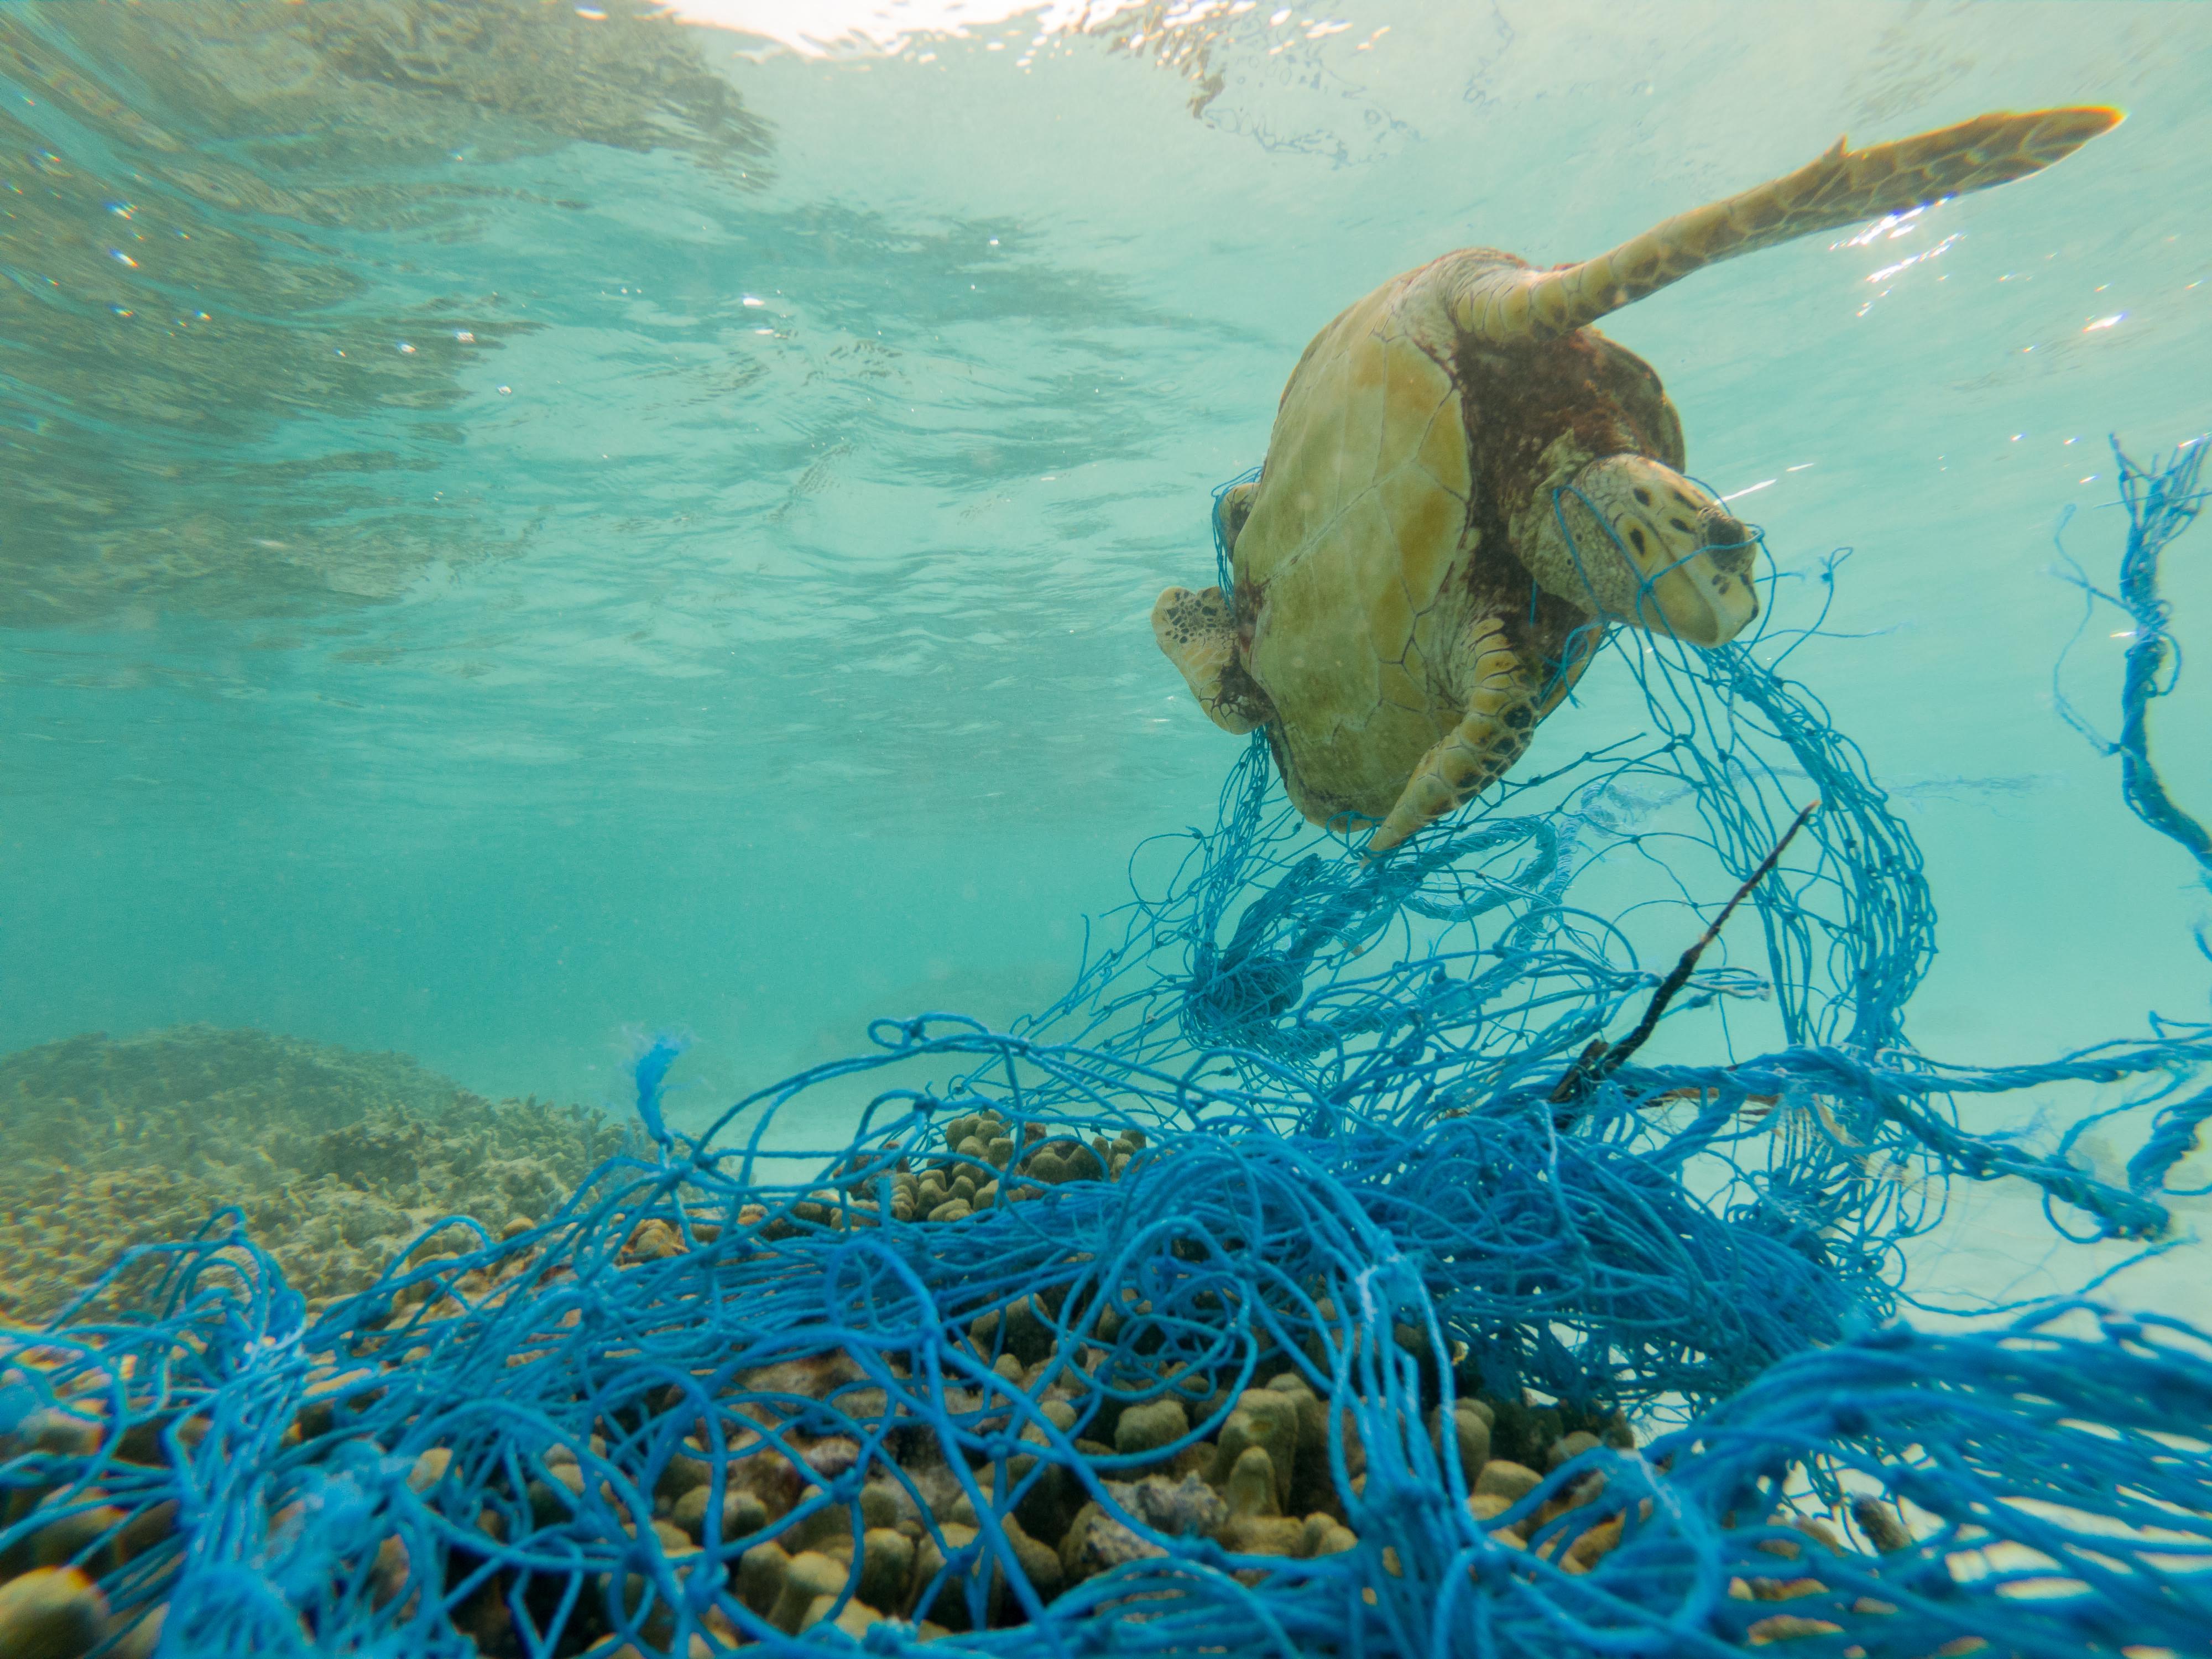 sea turtle entangled in fishing gear